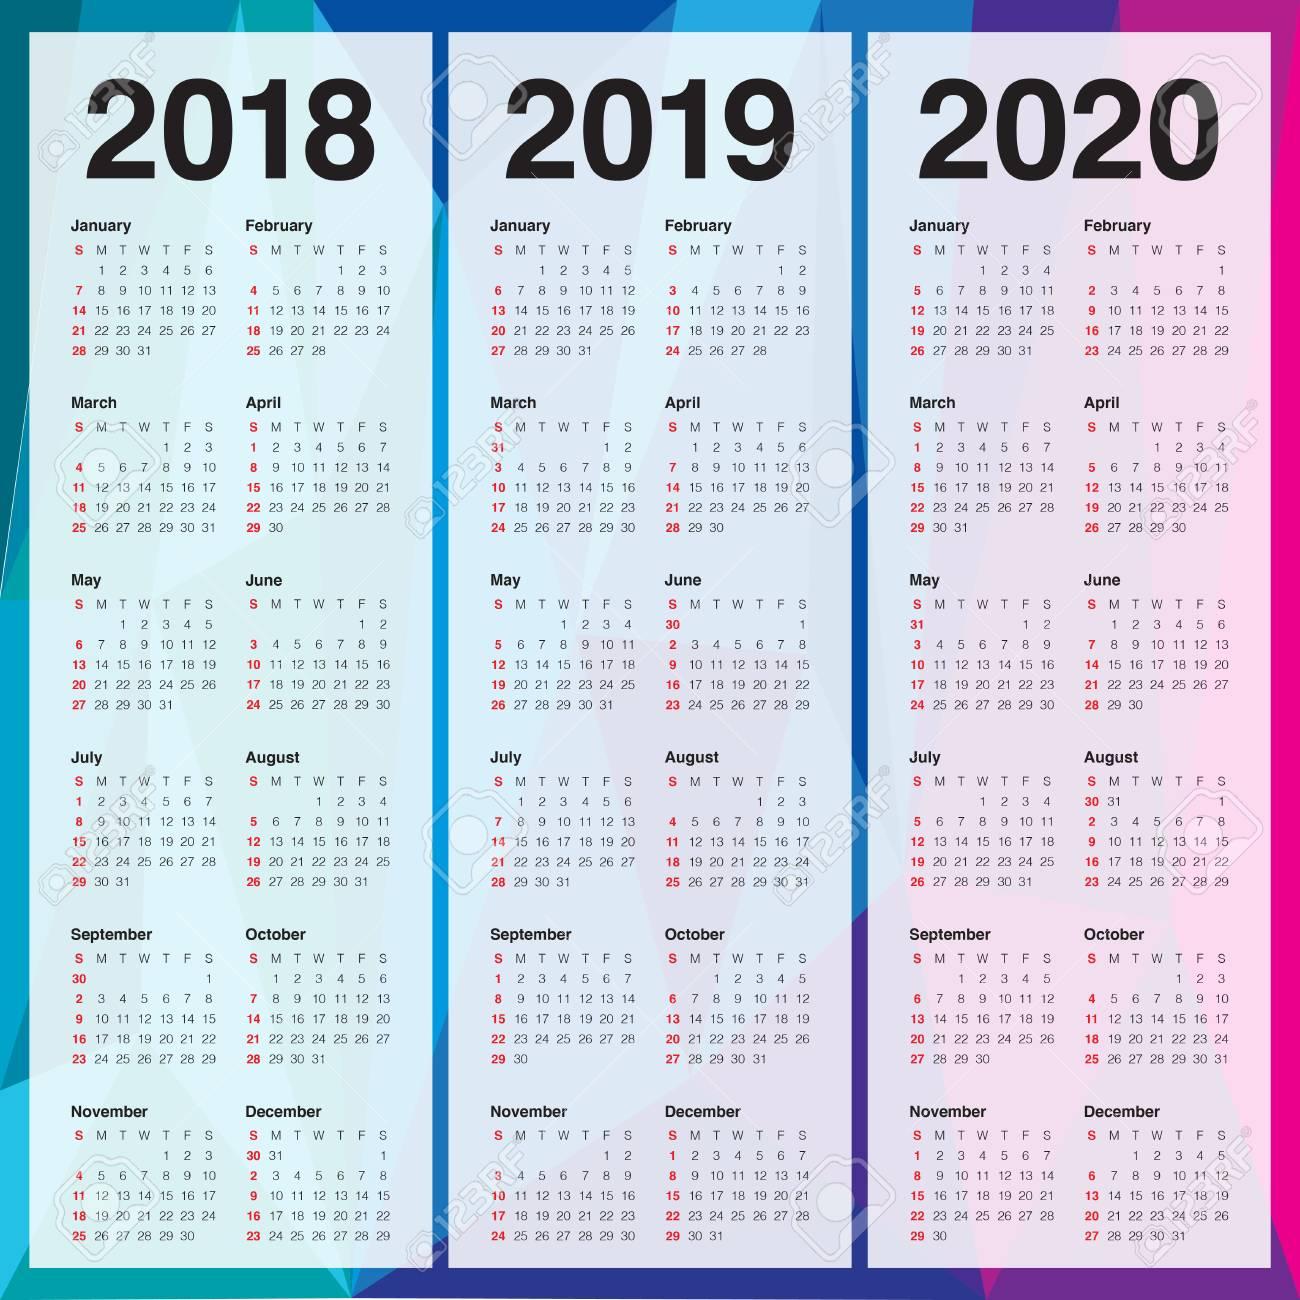 Ano 2020 Calendario.Ano 2018 2019 Y 2020 Calendario Vector Plantilla De Diseno Diseno Simple Y Limpio